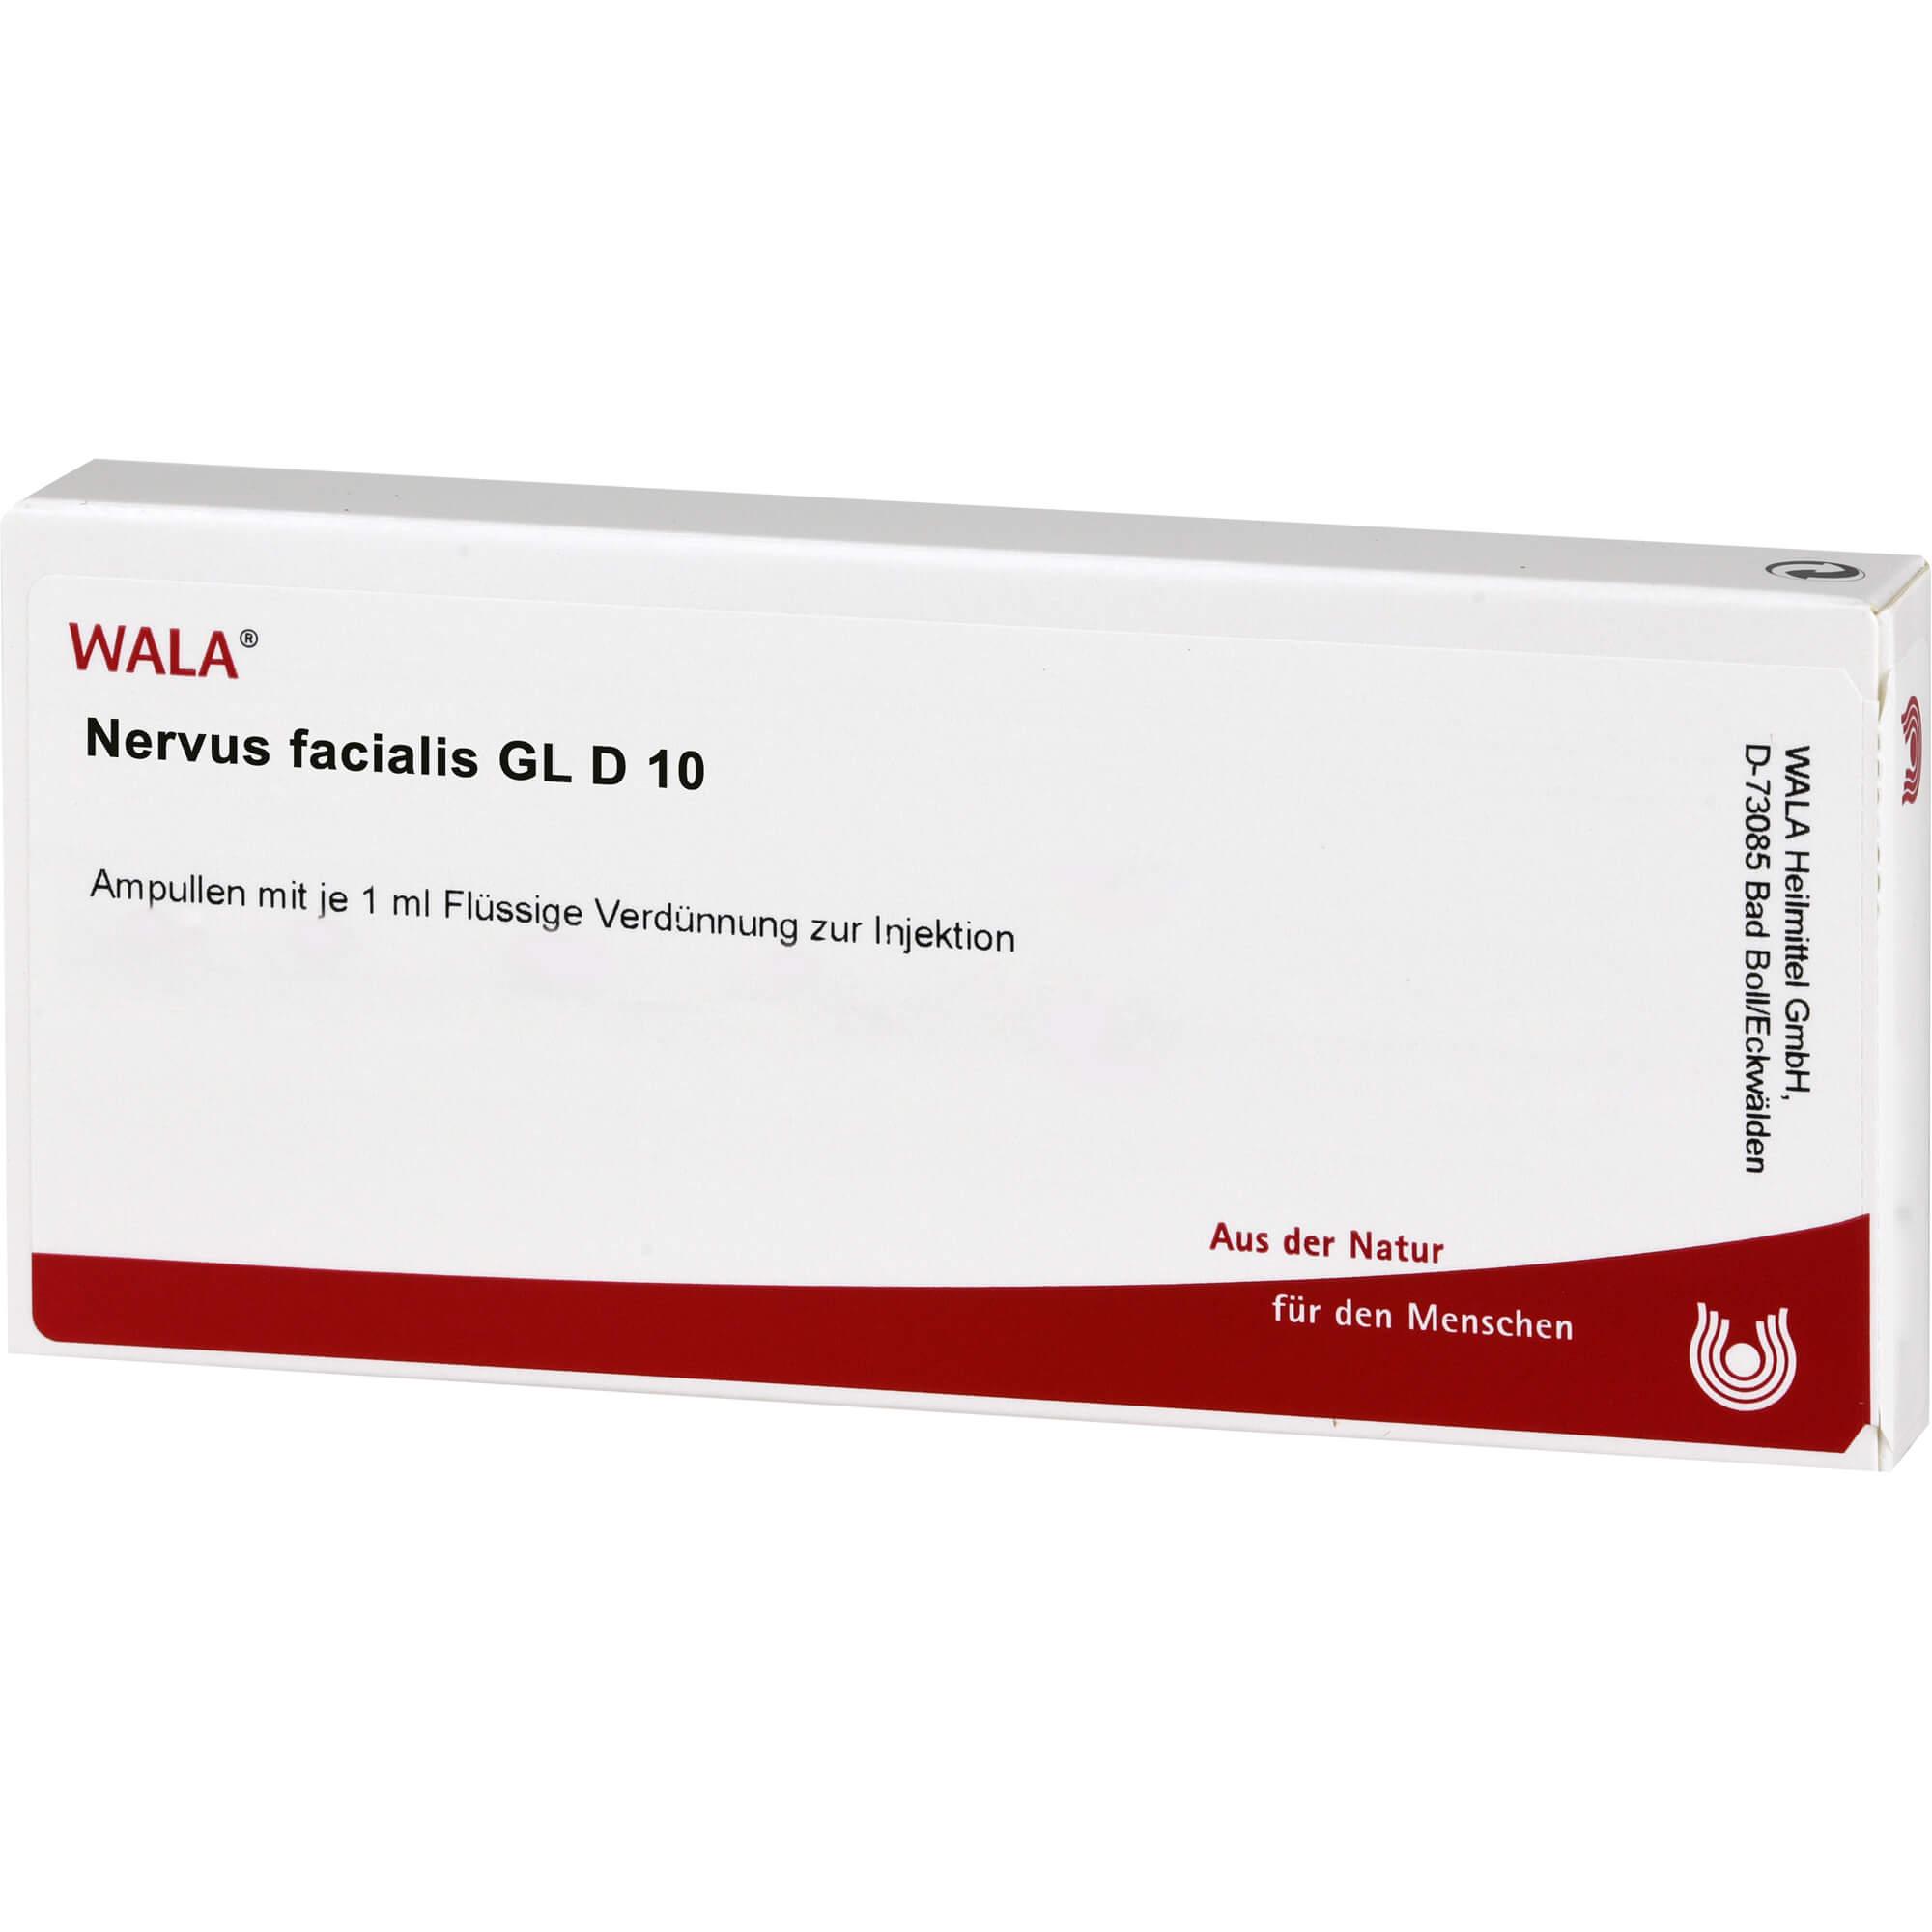 NERVUS FACIALIS GL D 10 Ampullen